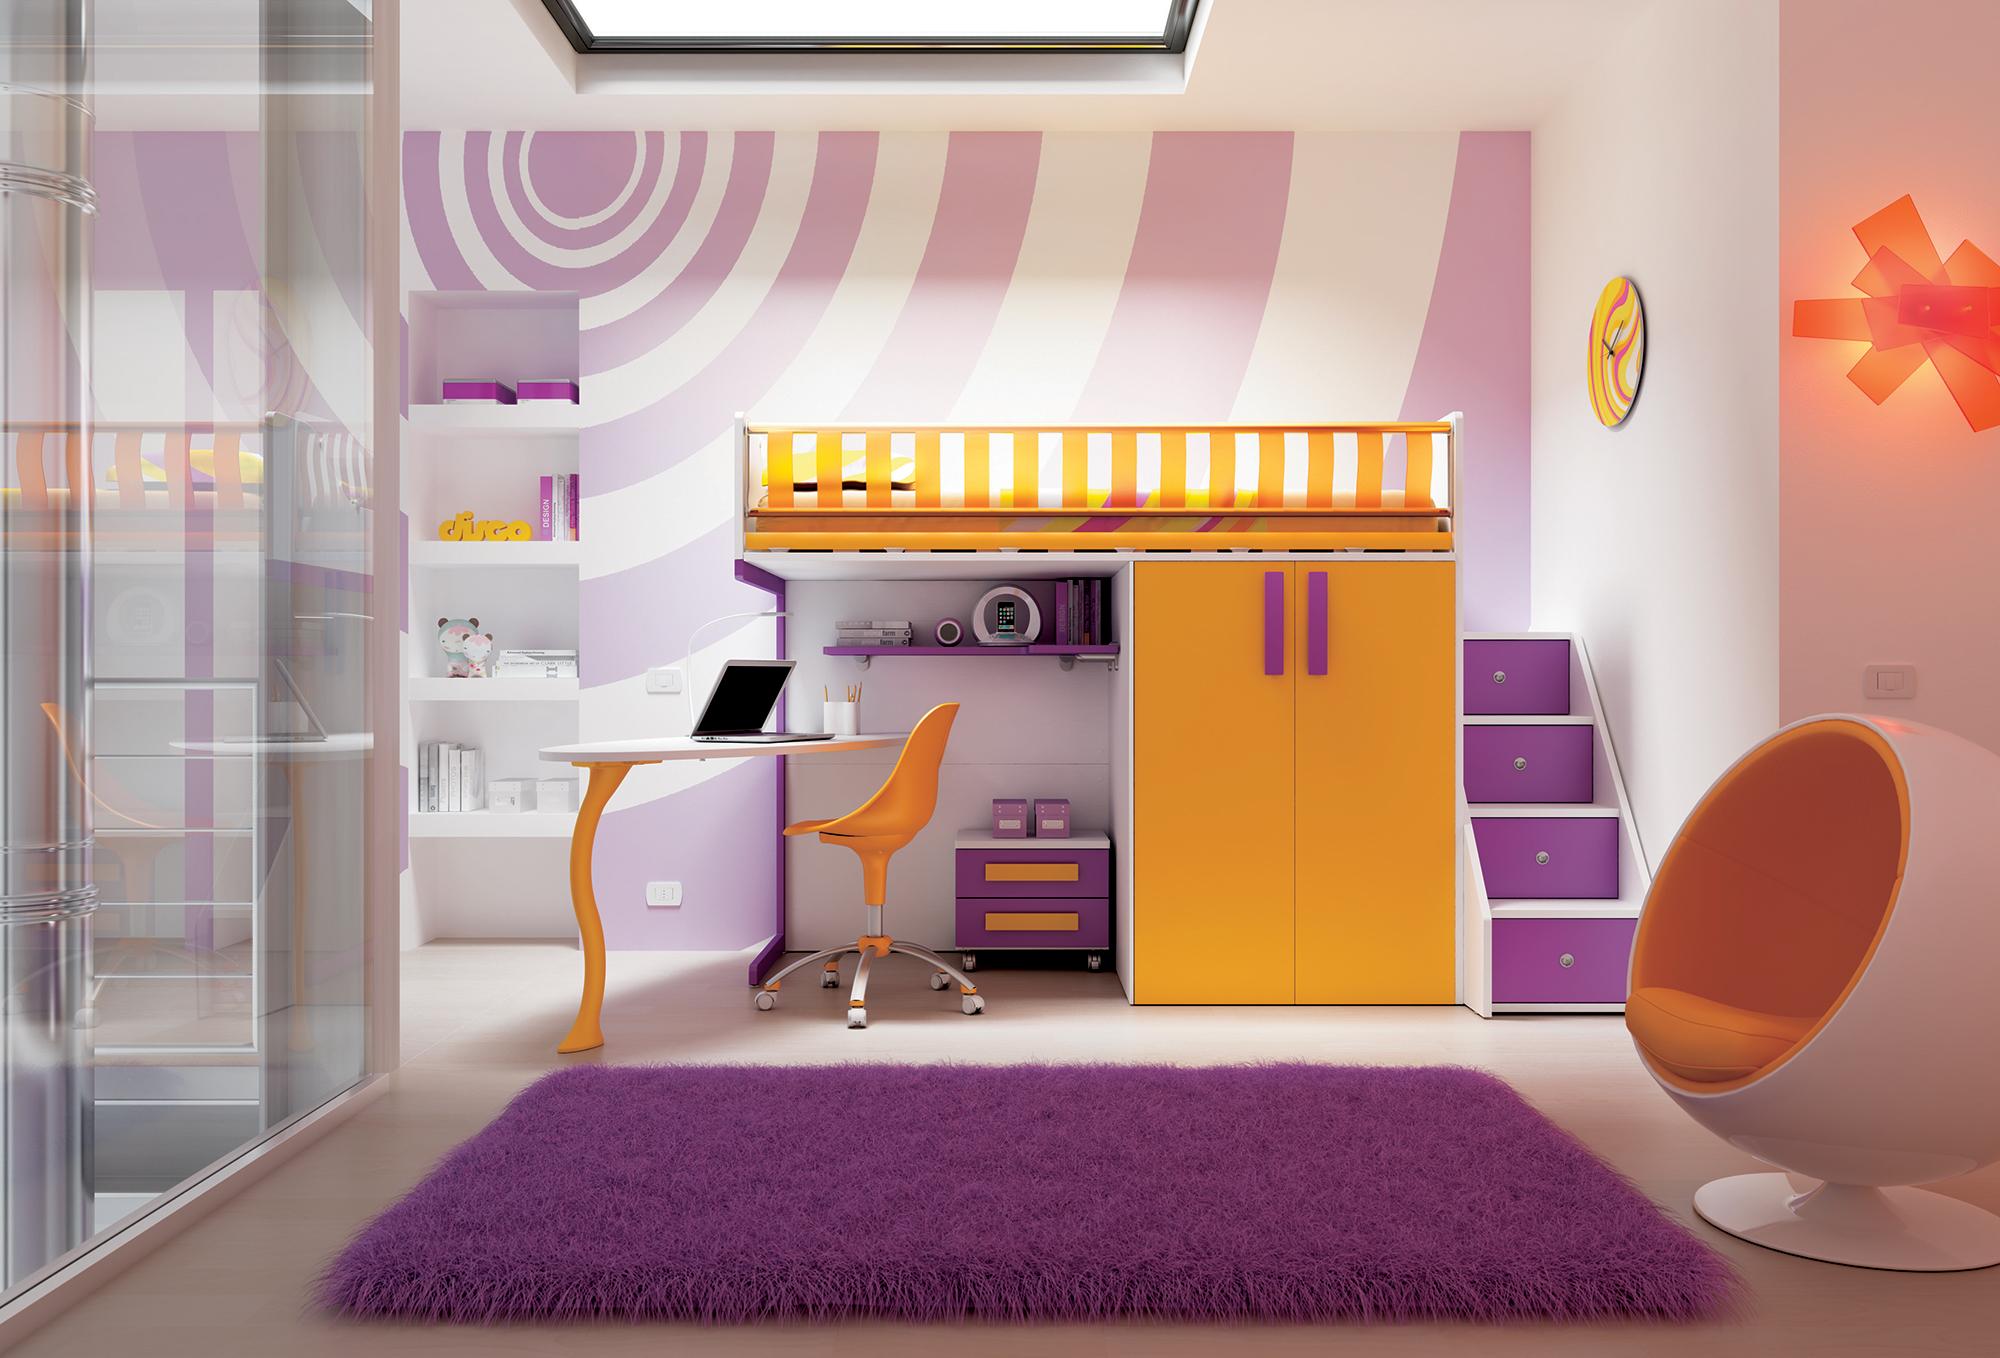 lit sur lev enfant exploiter la hauteur pour gagner de la place. Black Bedroom Furniture Sets. Home Design Ideas